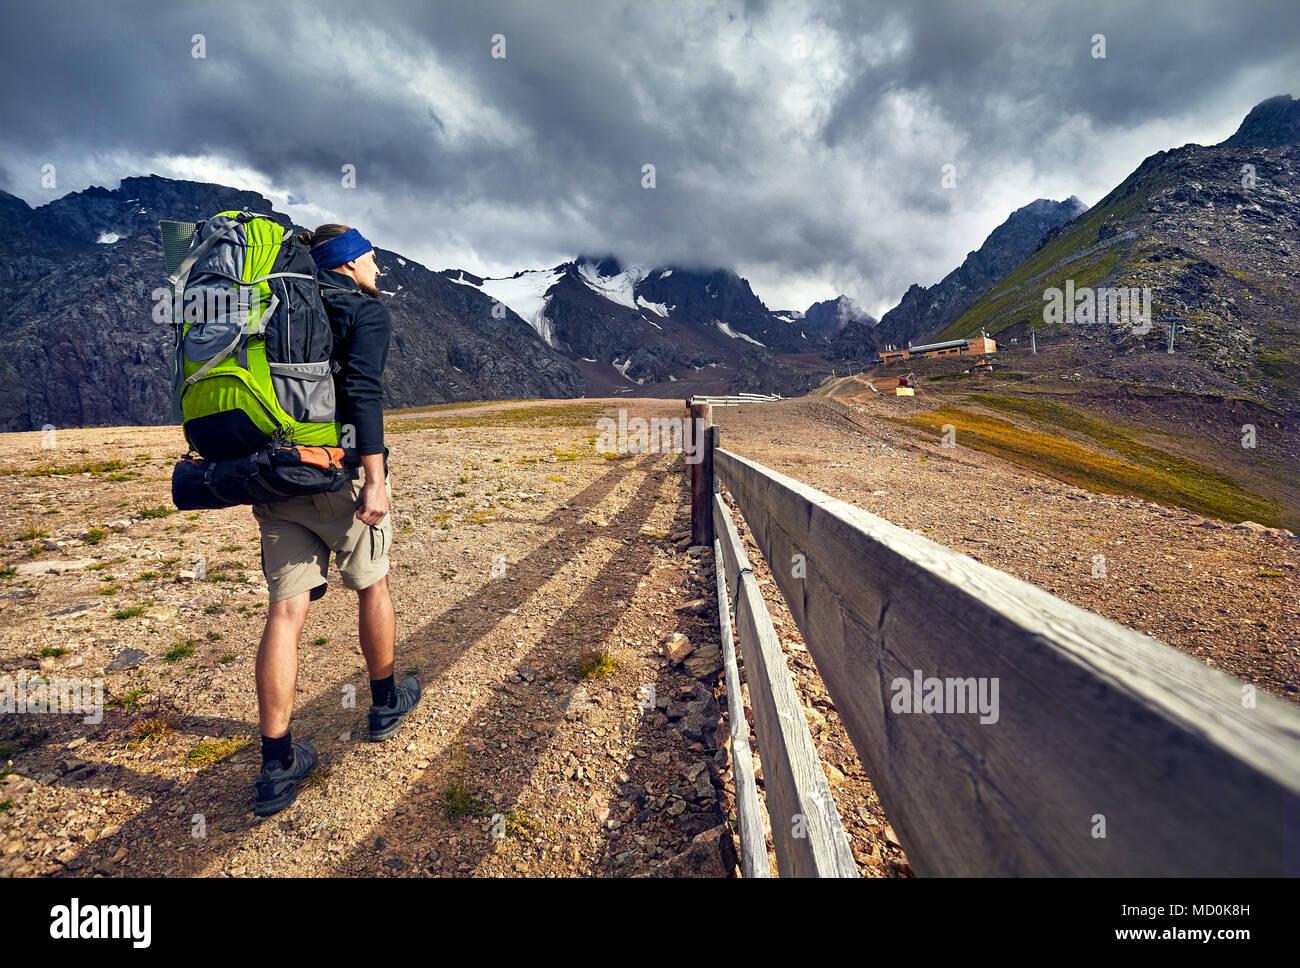 Excursionista con big mochila verde caminando hacia las montañas nevadas en nublado cielo oscuro fondo Shymbulak Ski Resort en Kazajstán Imagen De Stock